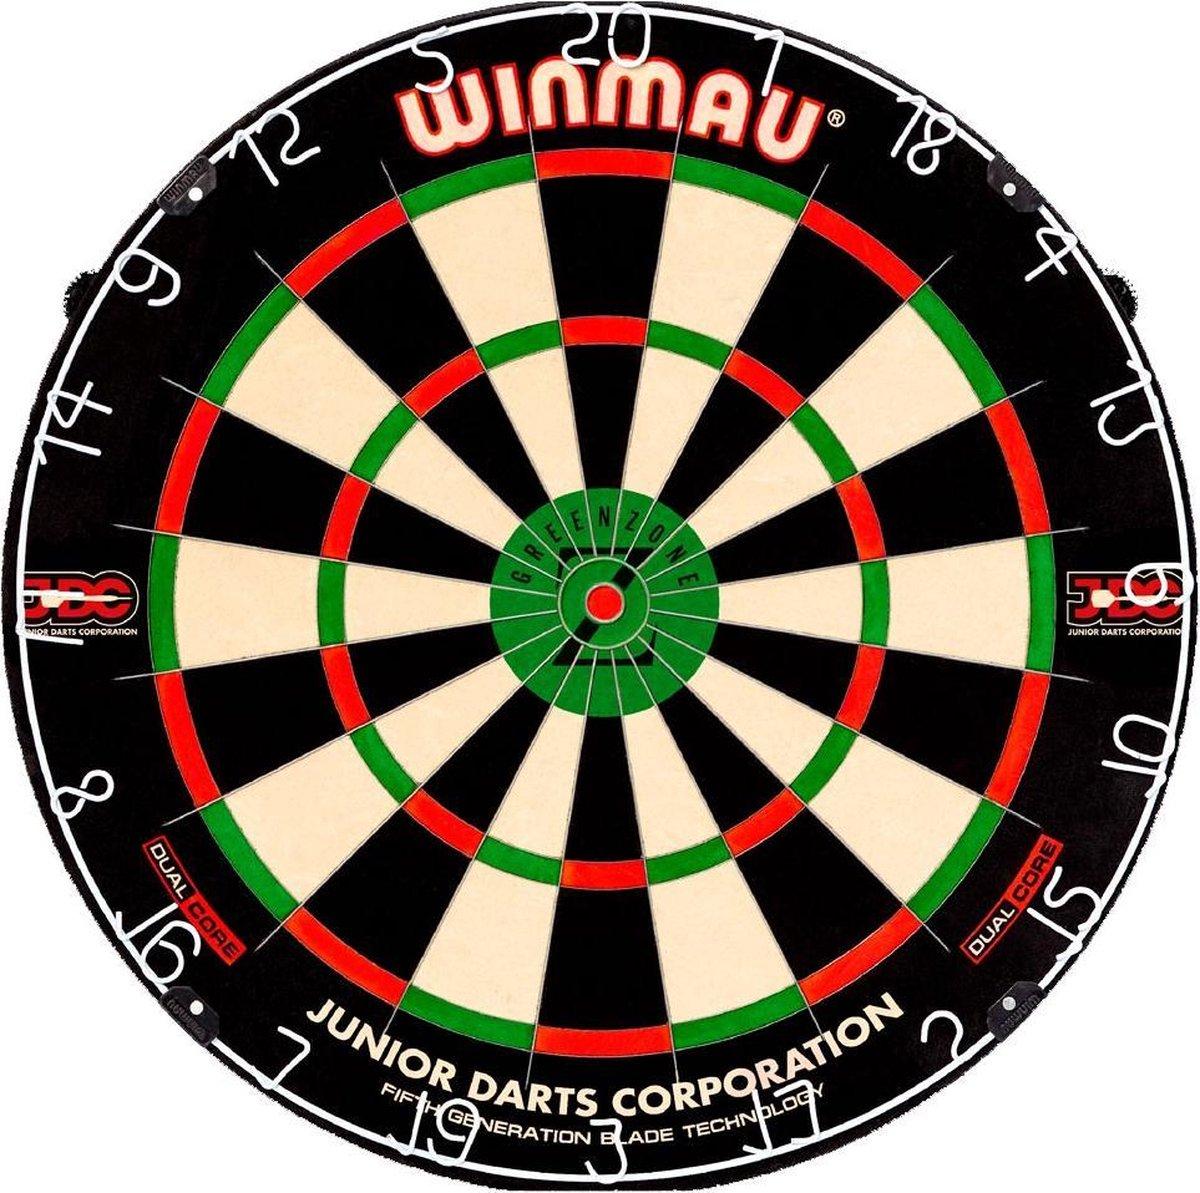 Winmau Green Zone Dual Core